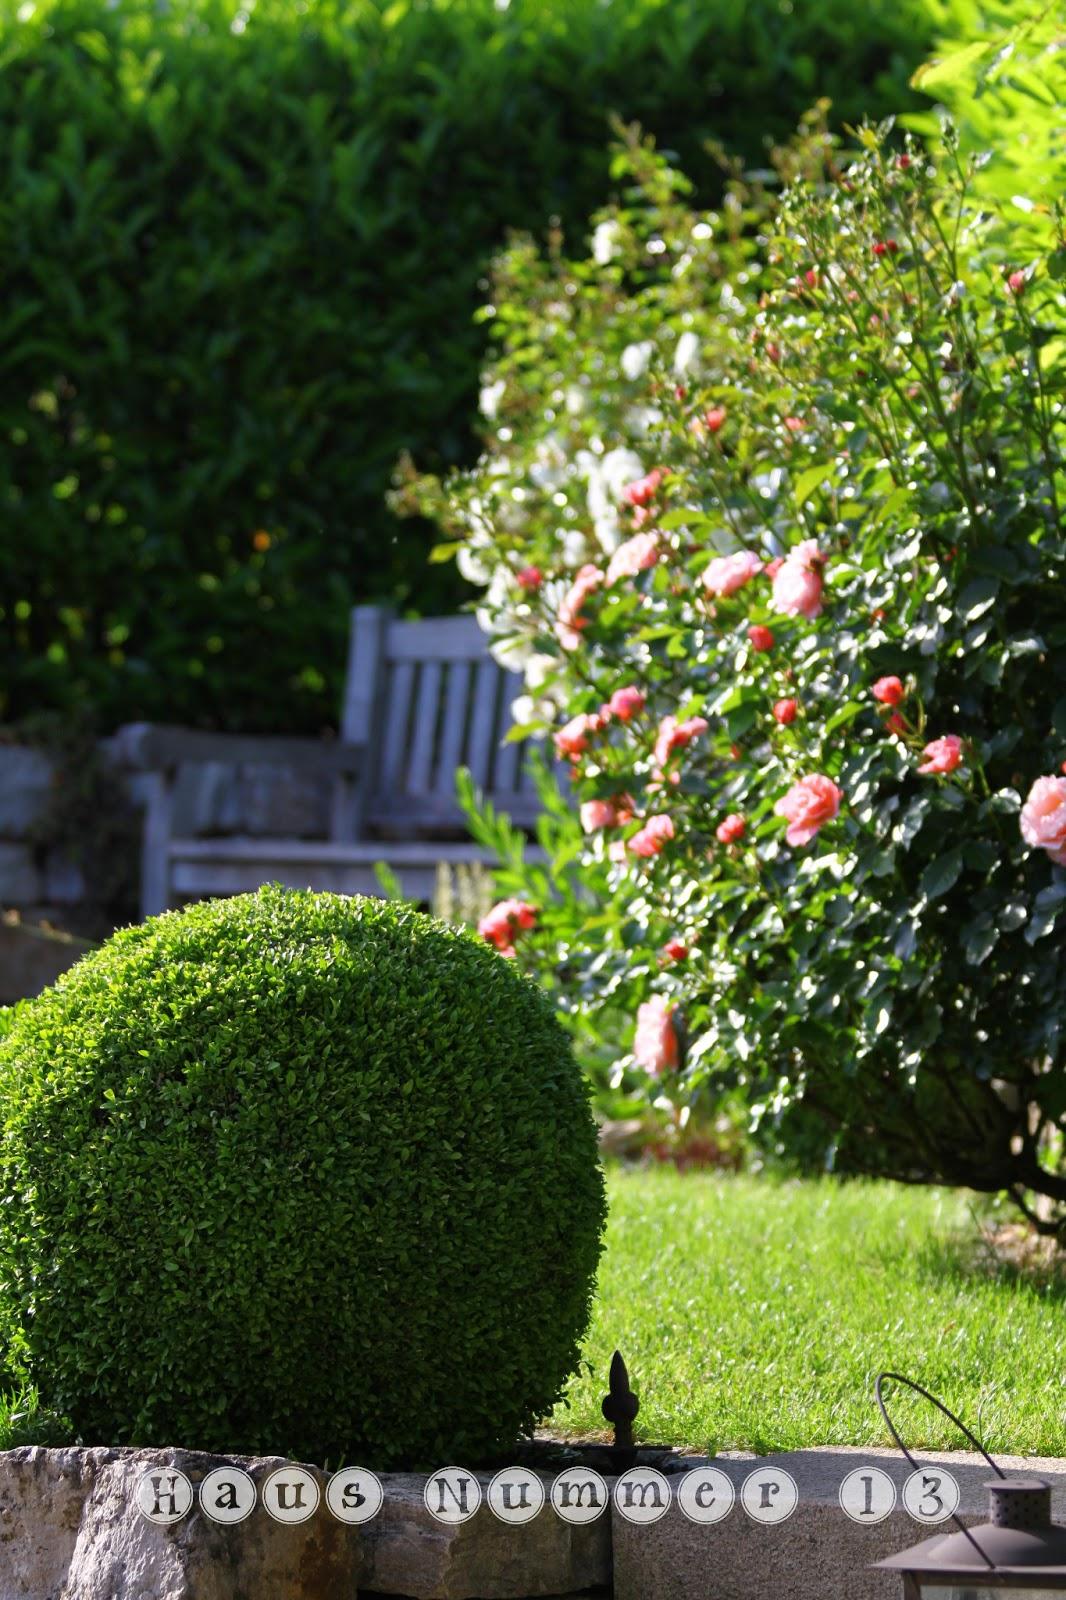 Ab In Den Garten Sommerspecial Ab In Den Garten Hochbeetupdate